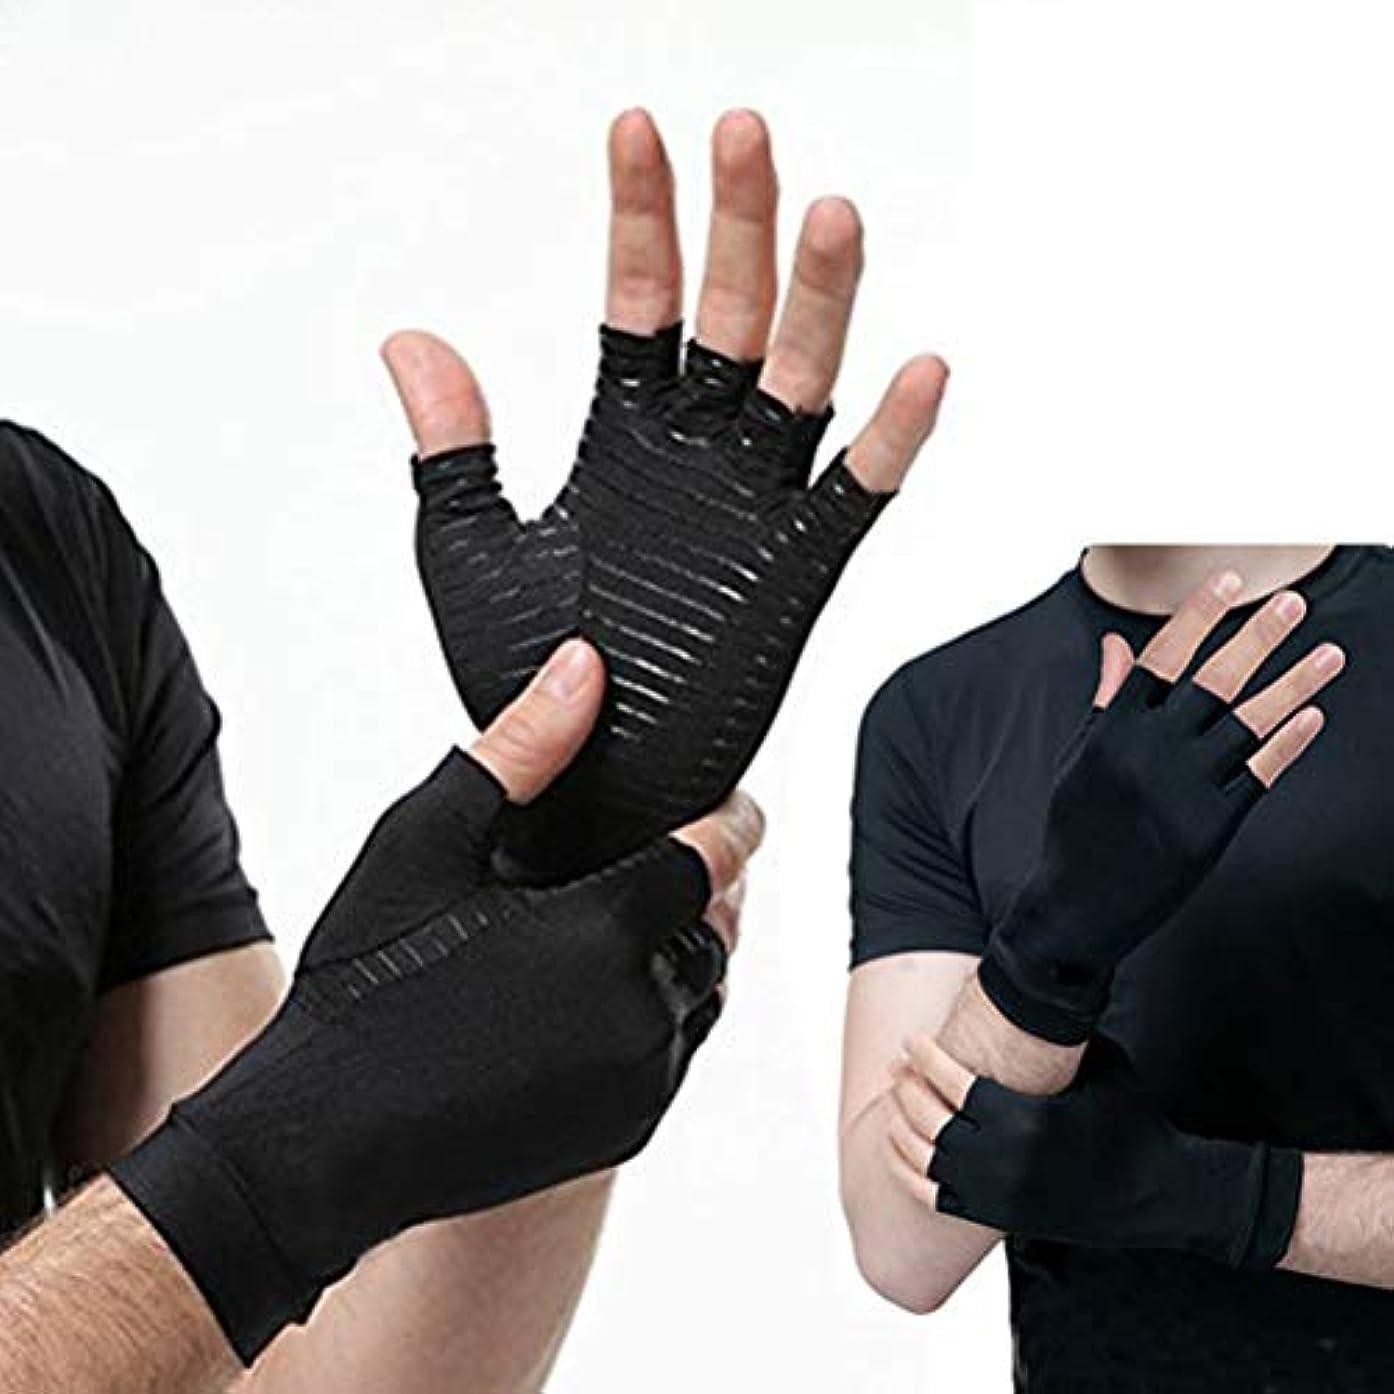 ショルダー無駄な品揃えTAIPPAN 1ペア銅関節炎手袋銅圧縮関節炎手袋指なしスポーツ手袋医療用手袋